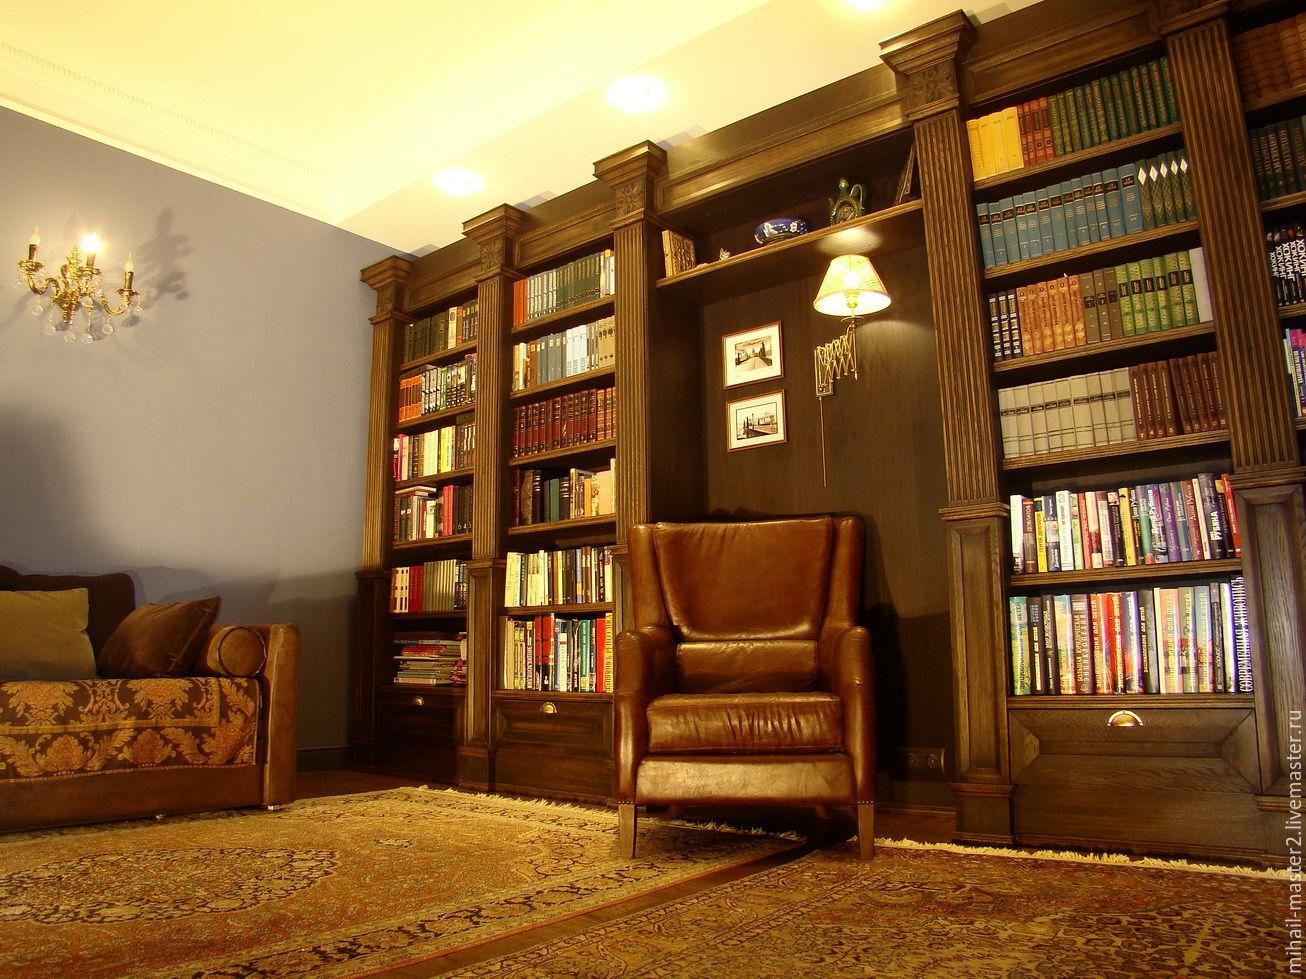 Библиотека - купить в интернет-магазине на Ярмарке мастеров .